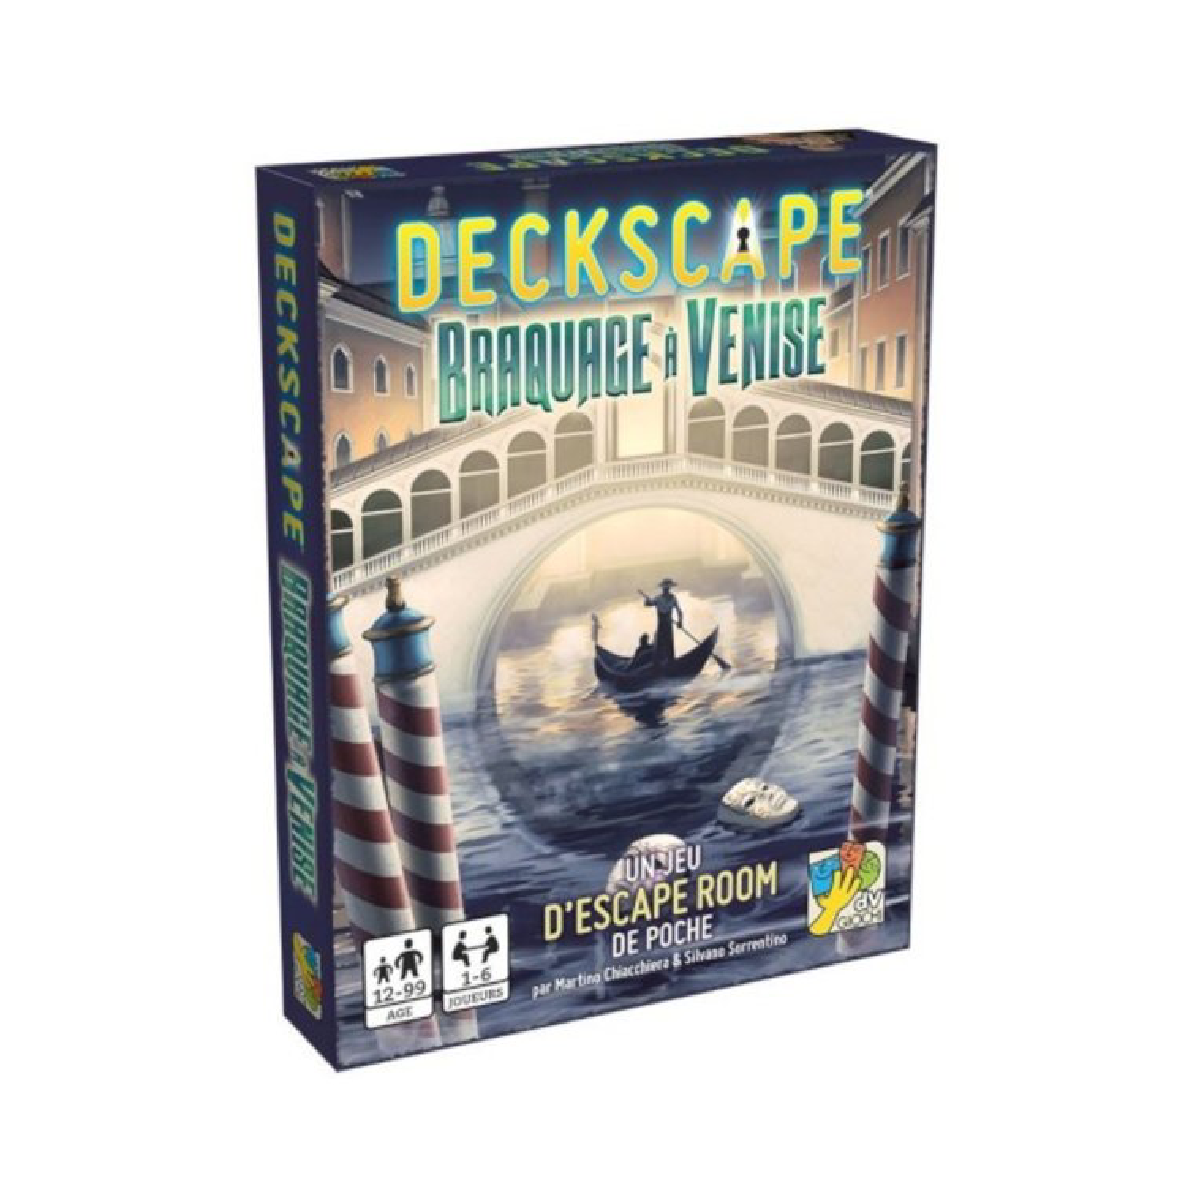 Deckscape - Braquage à Venise | 16,99$